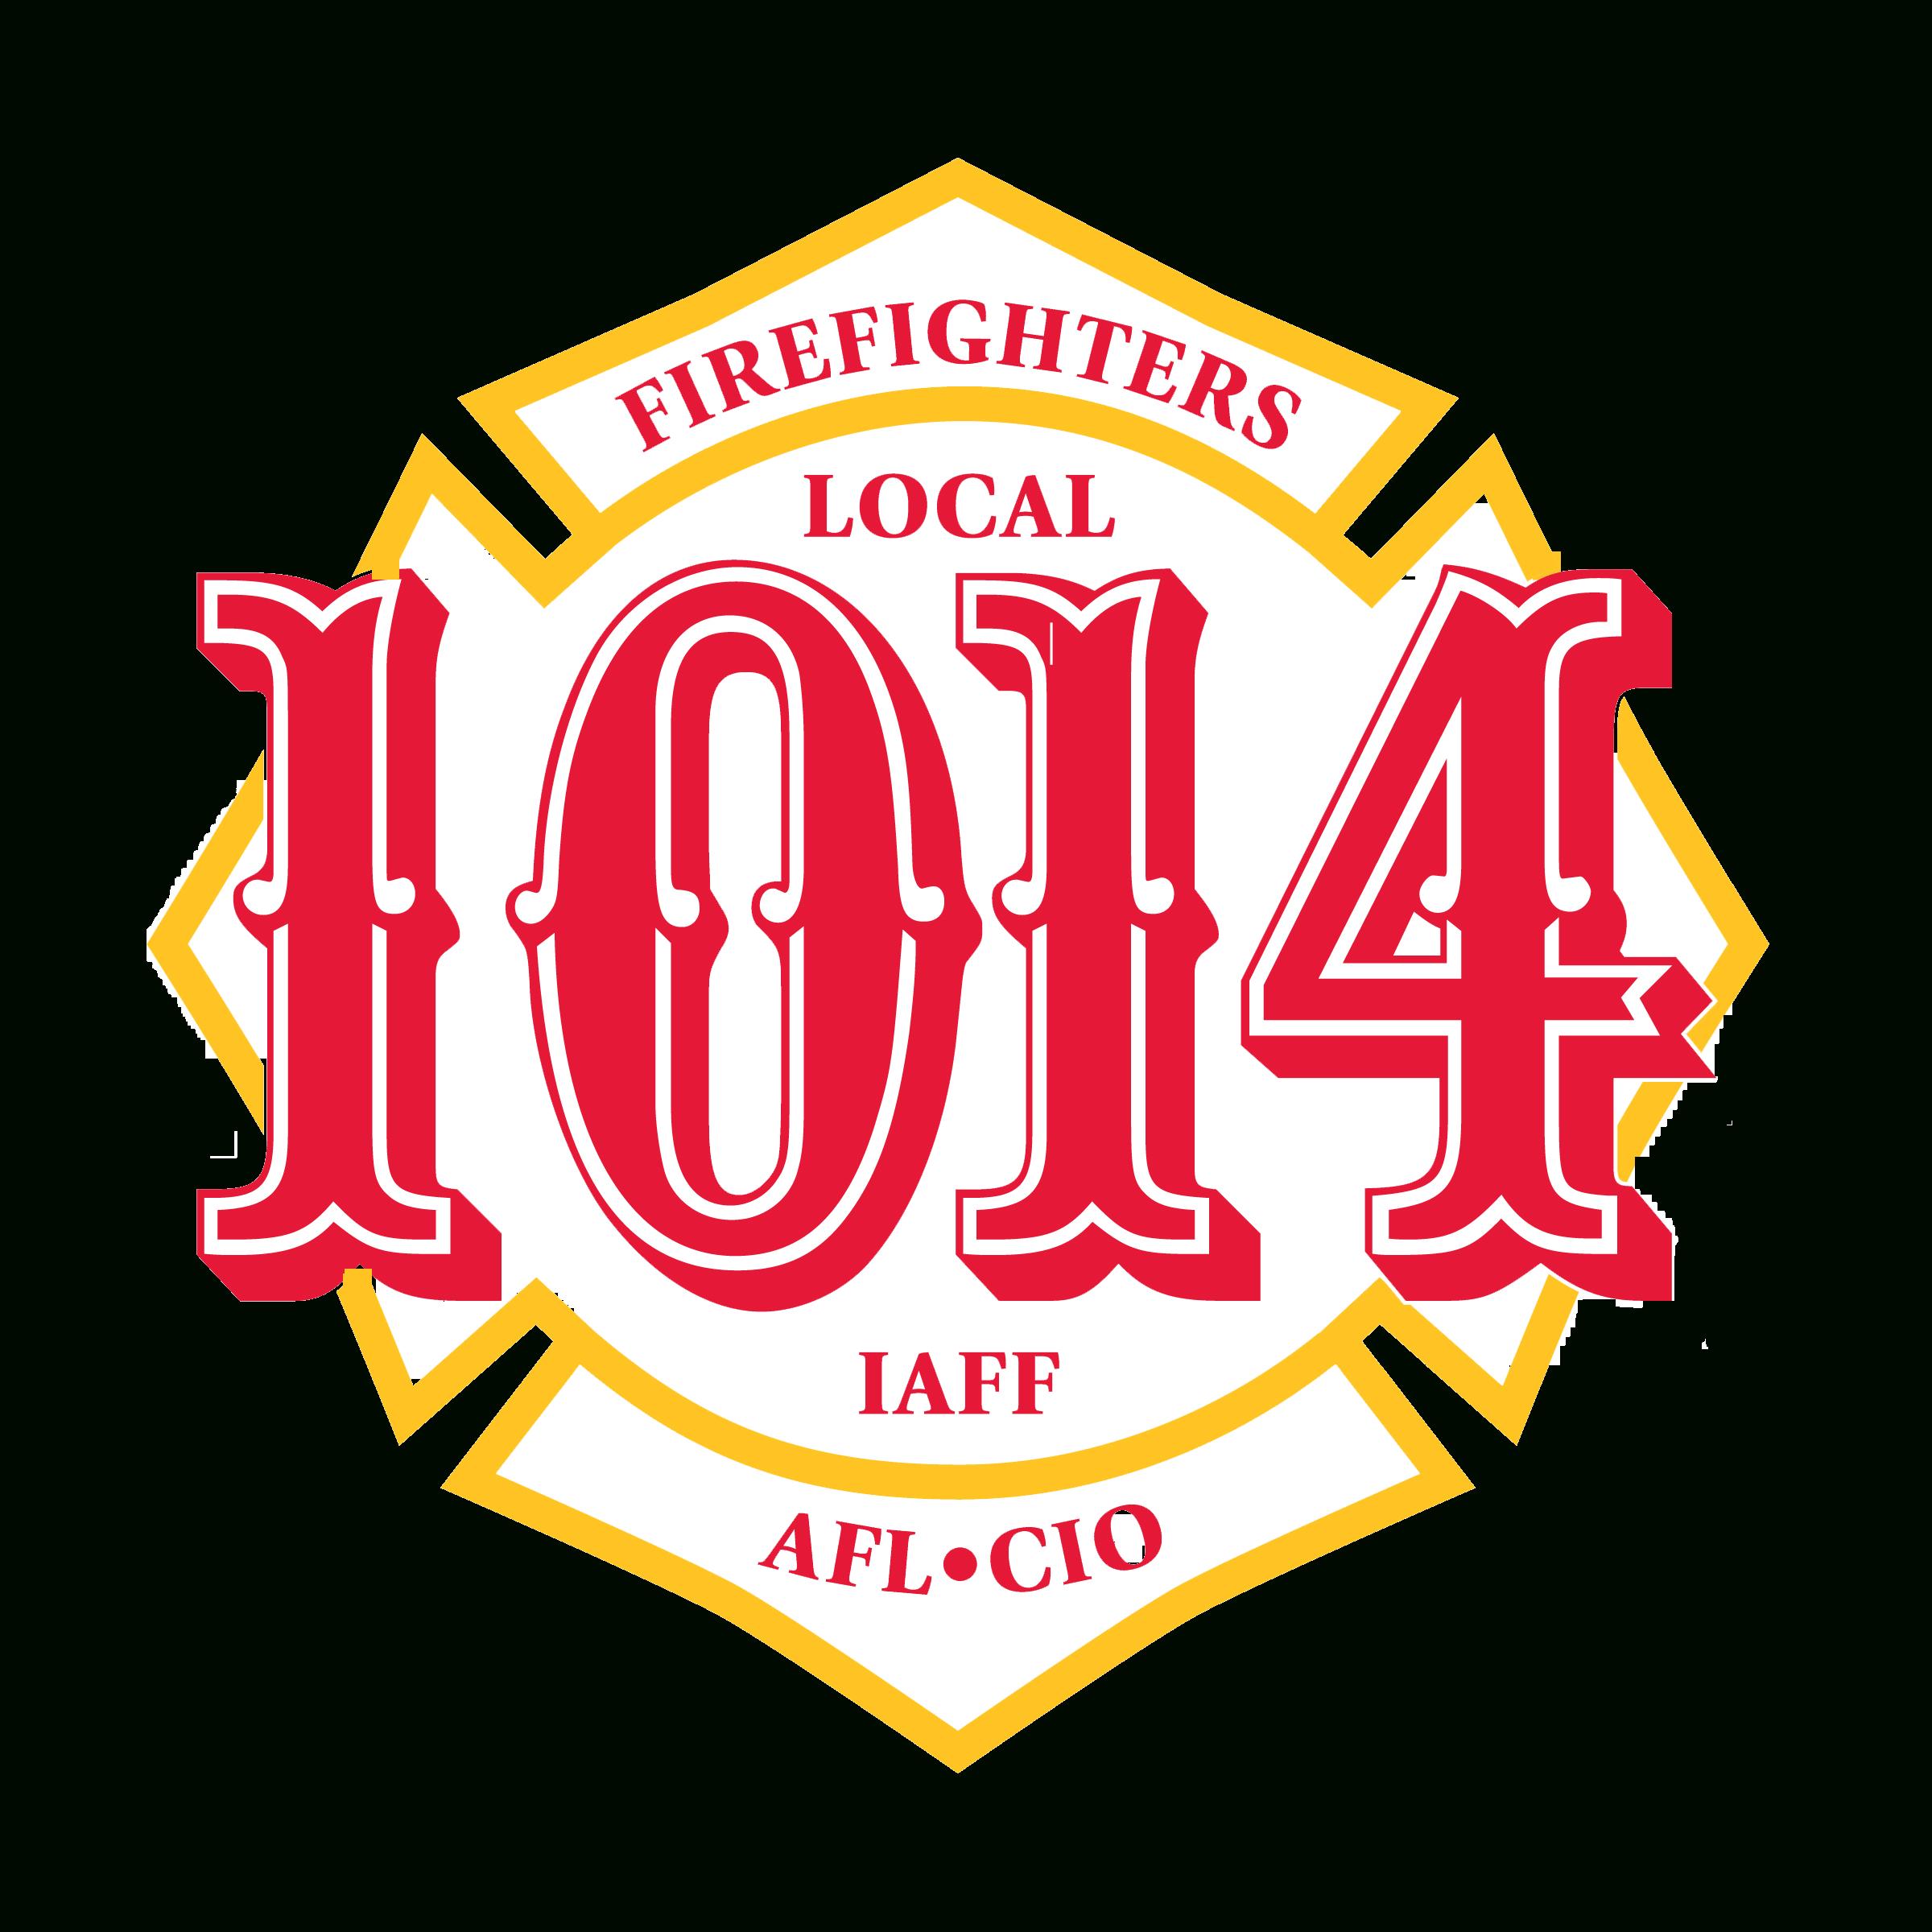 Iaff Local 1014